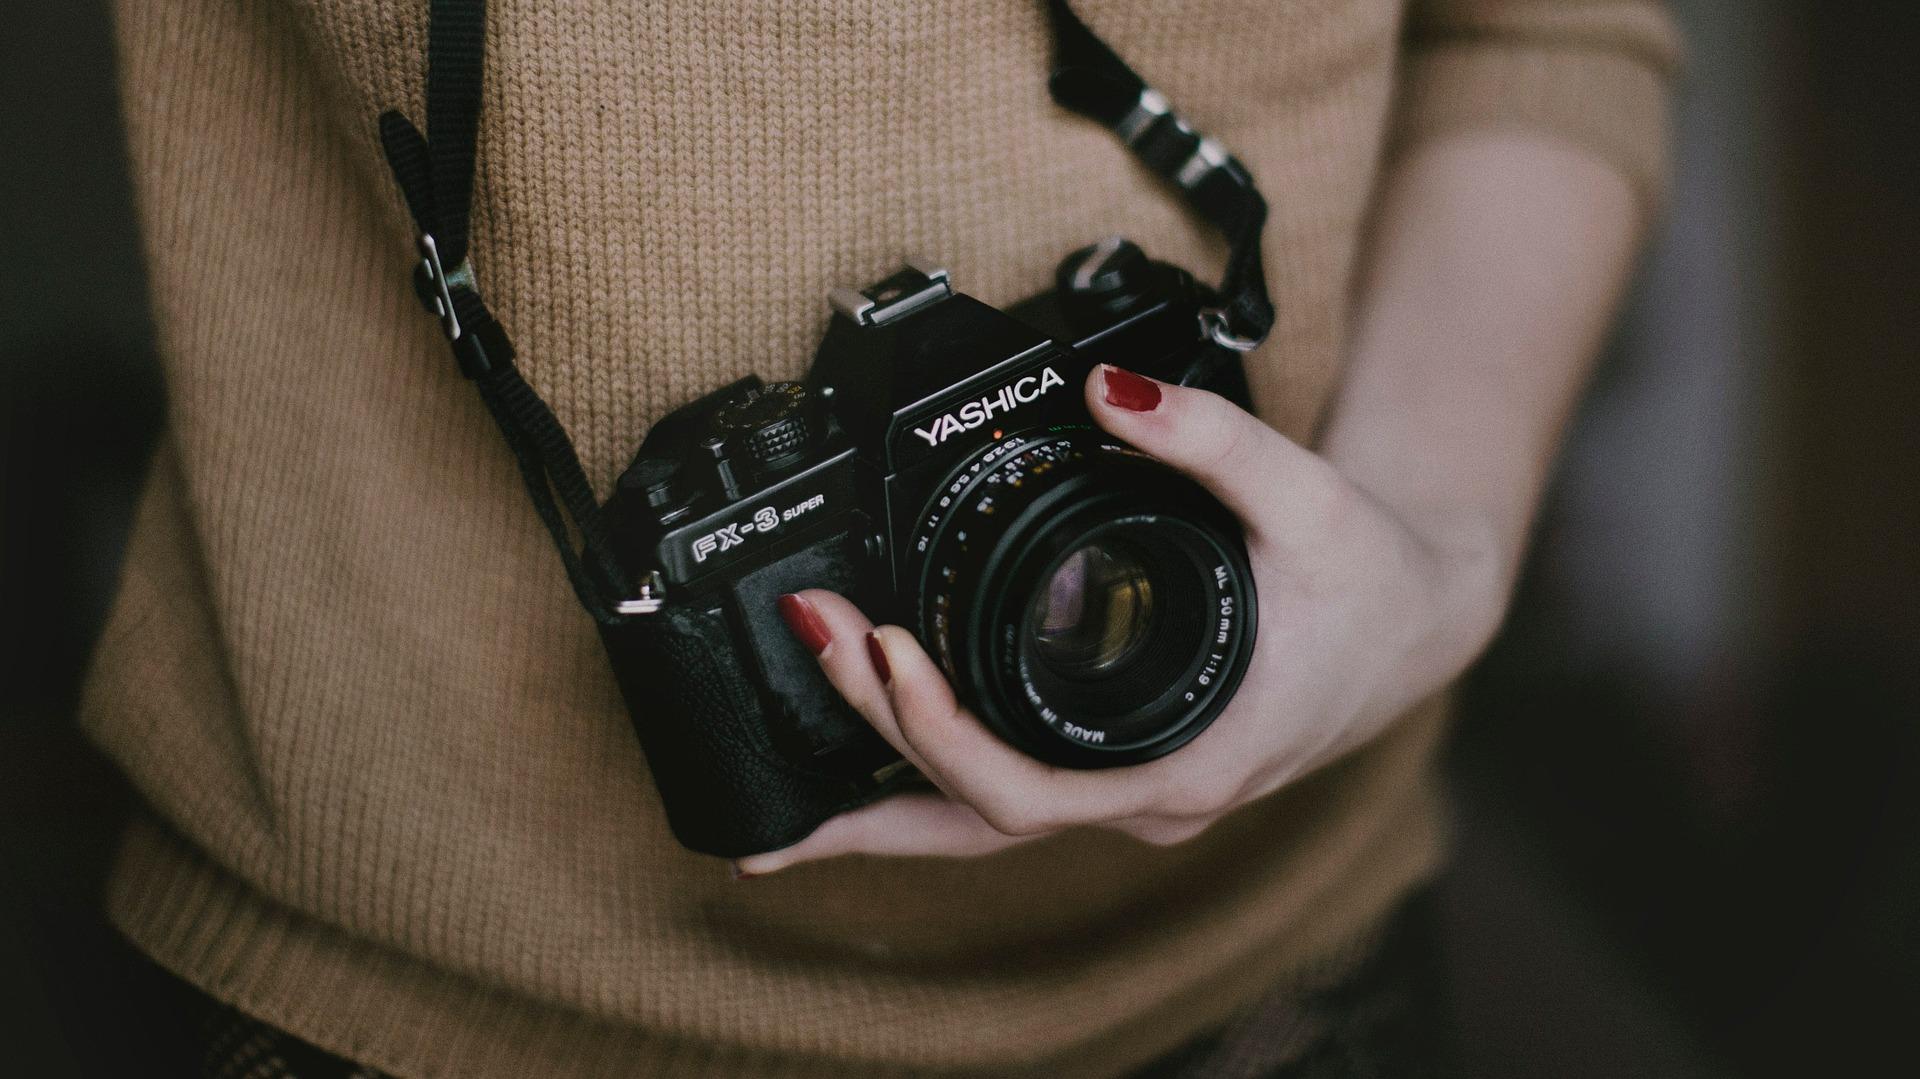 Deshalb solltest du ab und zu manuell fotografieren